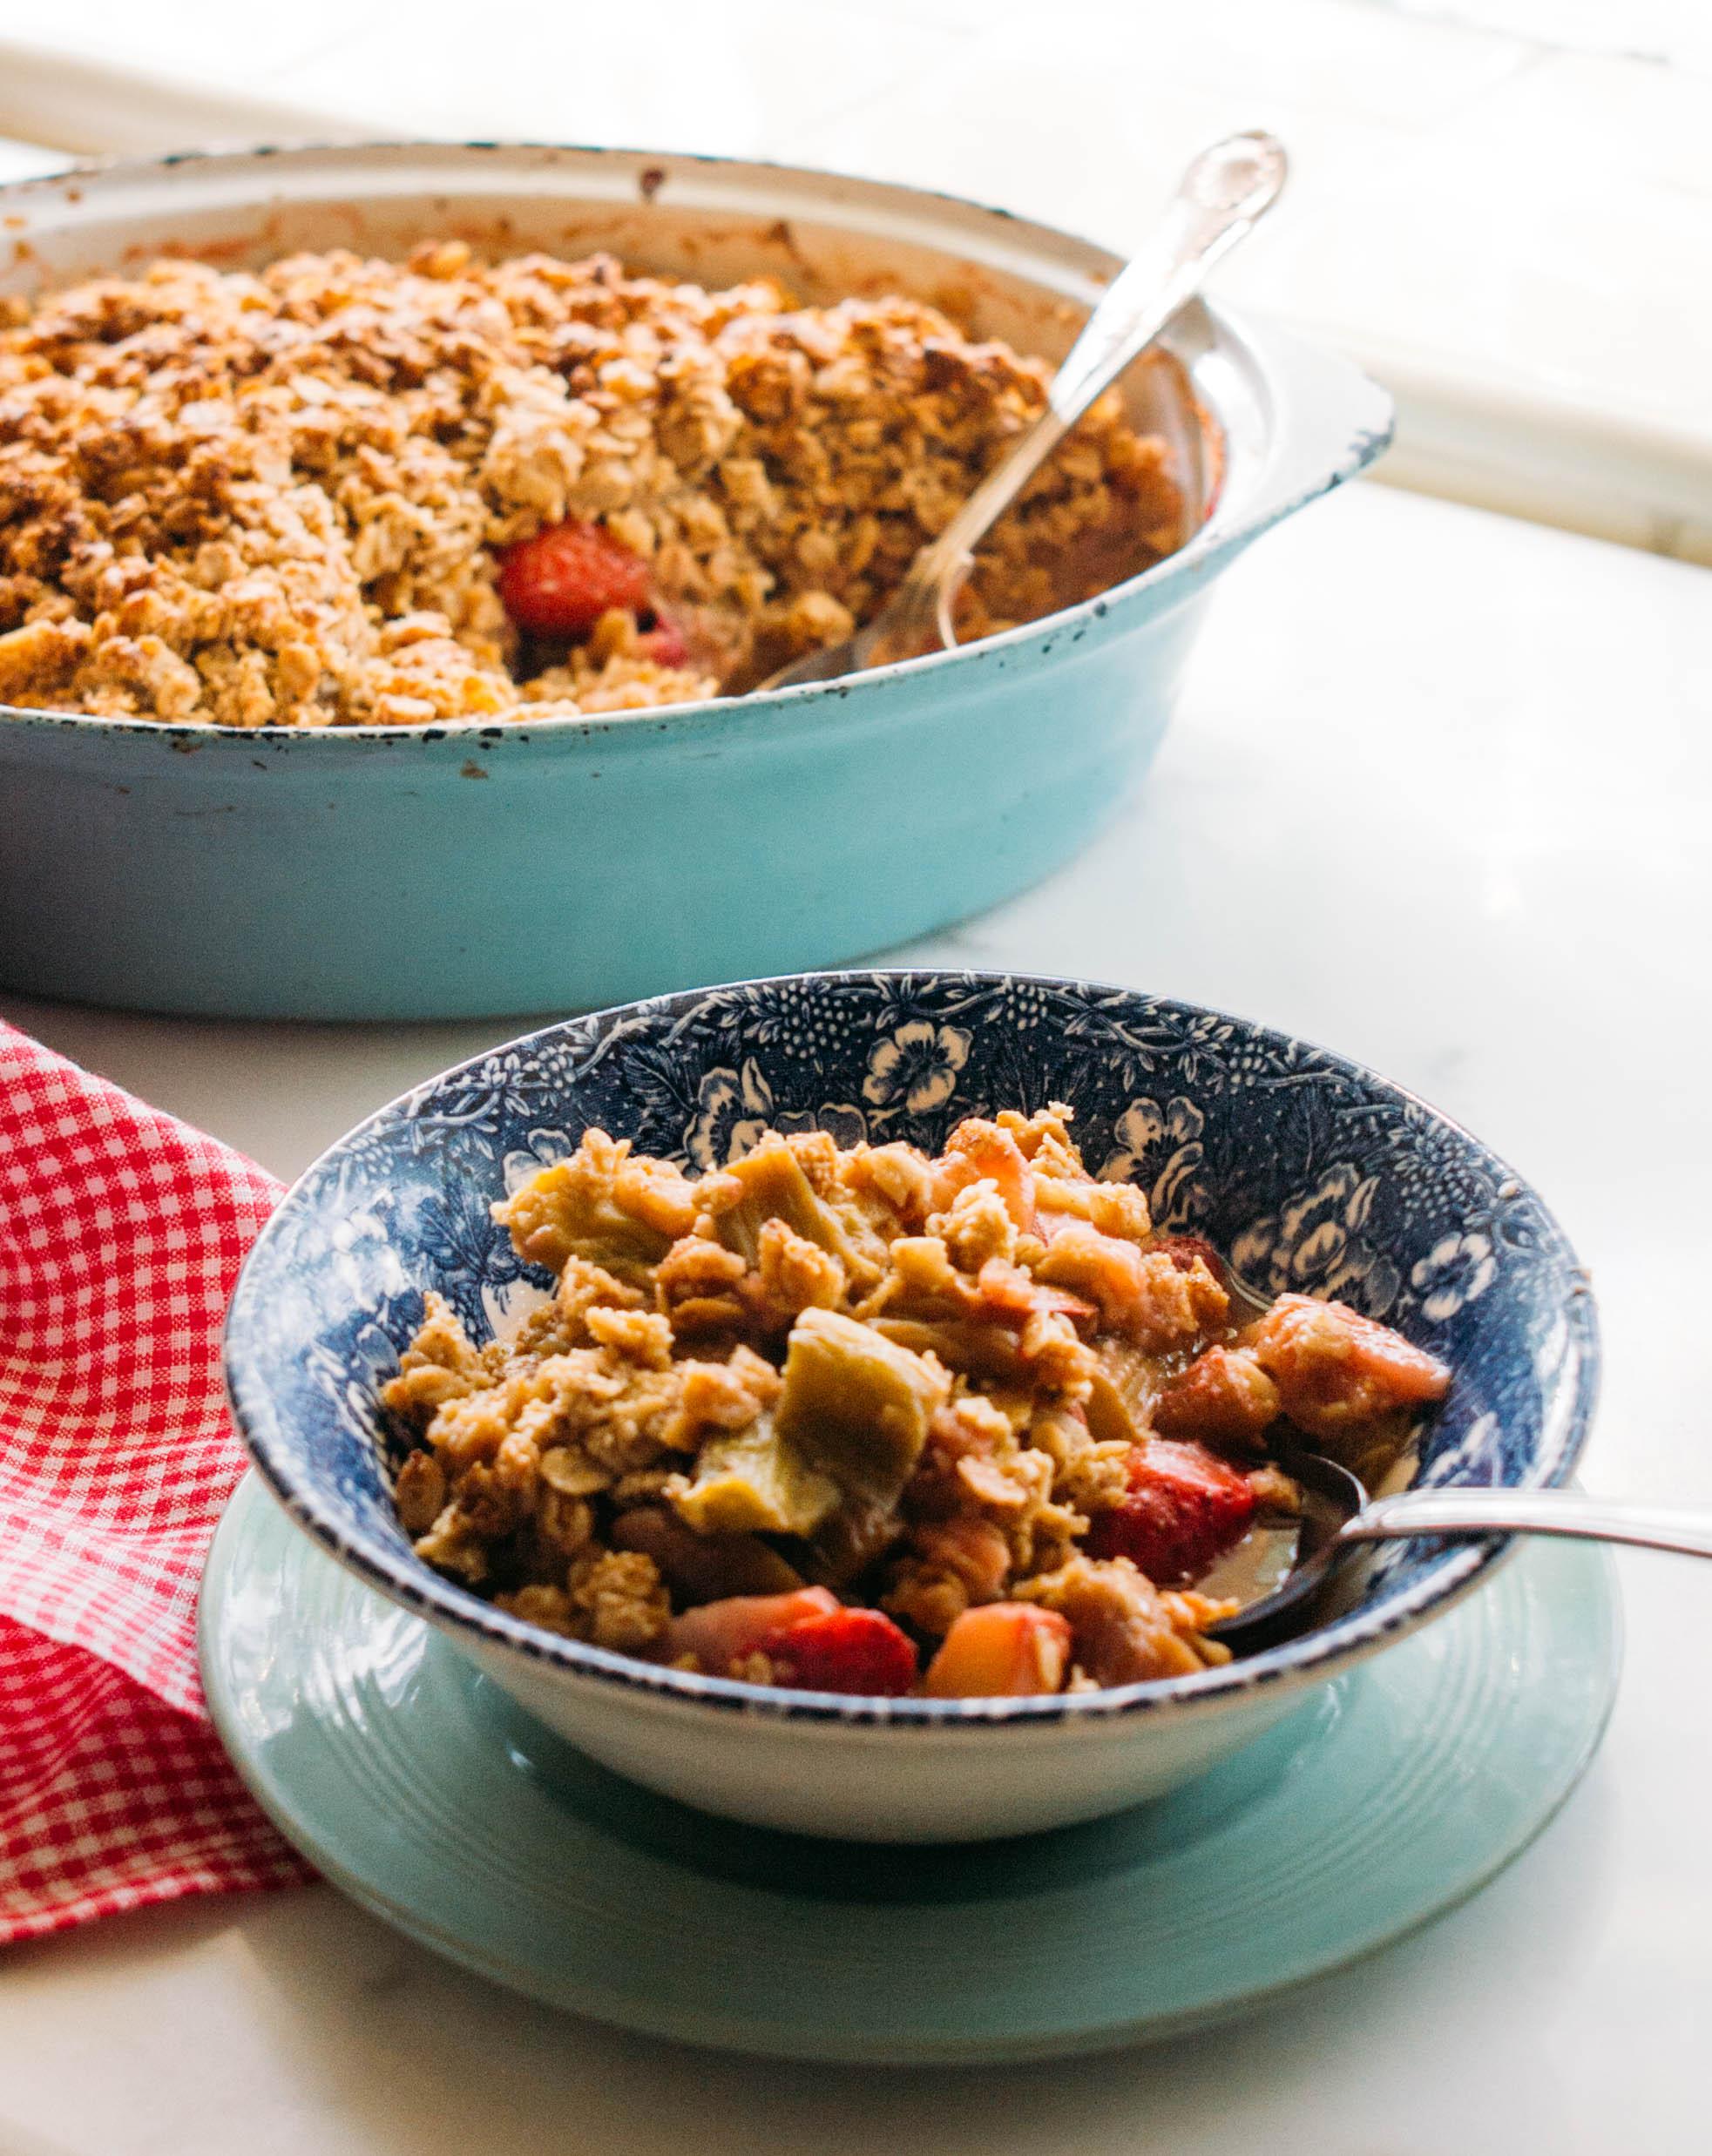 rhubarb+oat+crumble